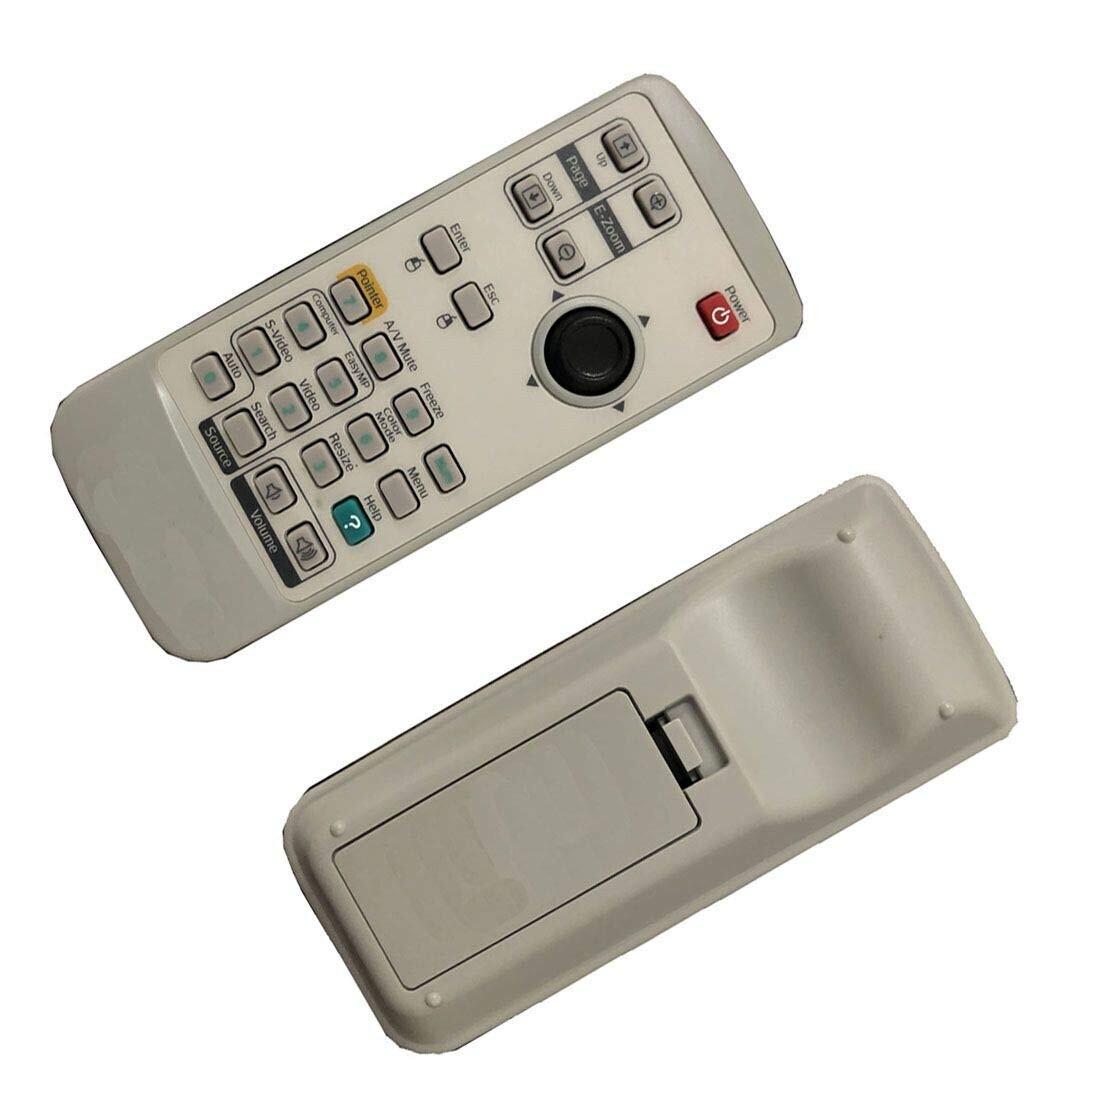 Epson afstandbediening voor EB-1720, EB-1723, EB-1725, EB-1735W, EB-1730W